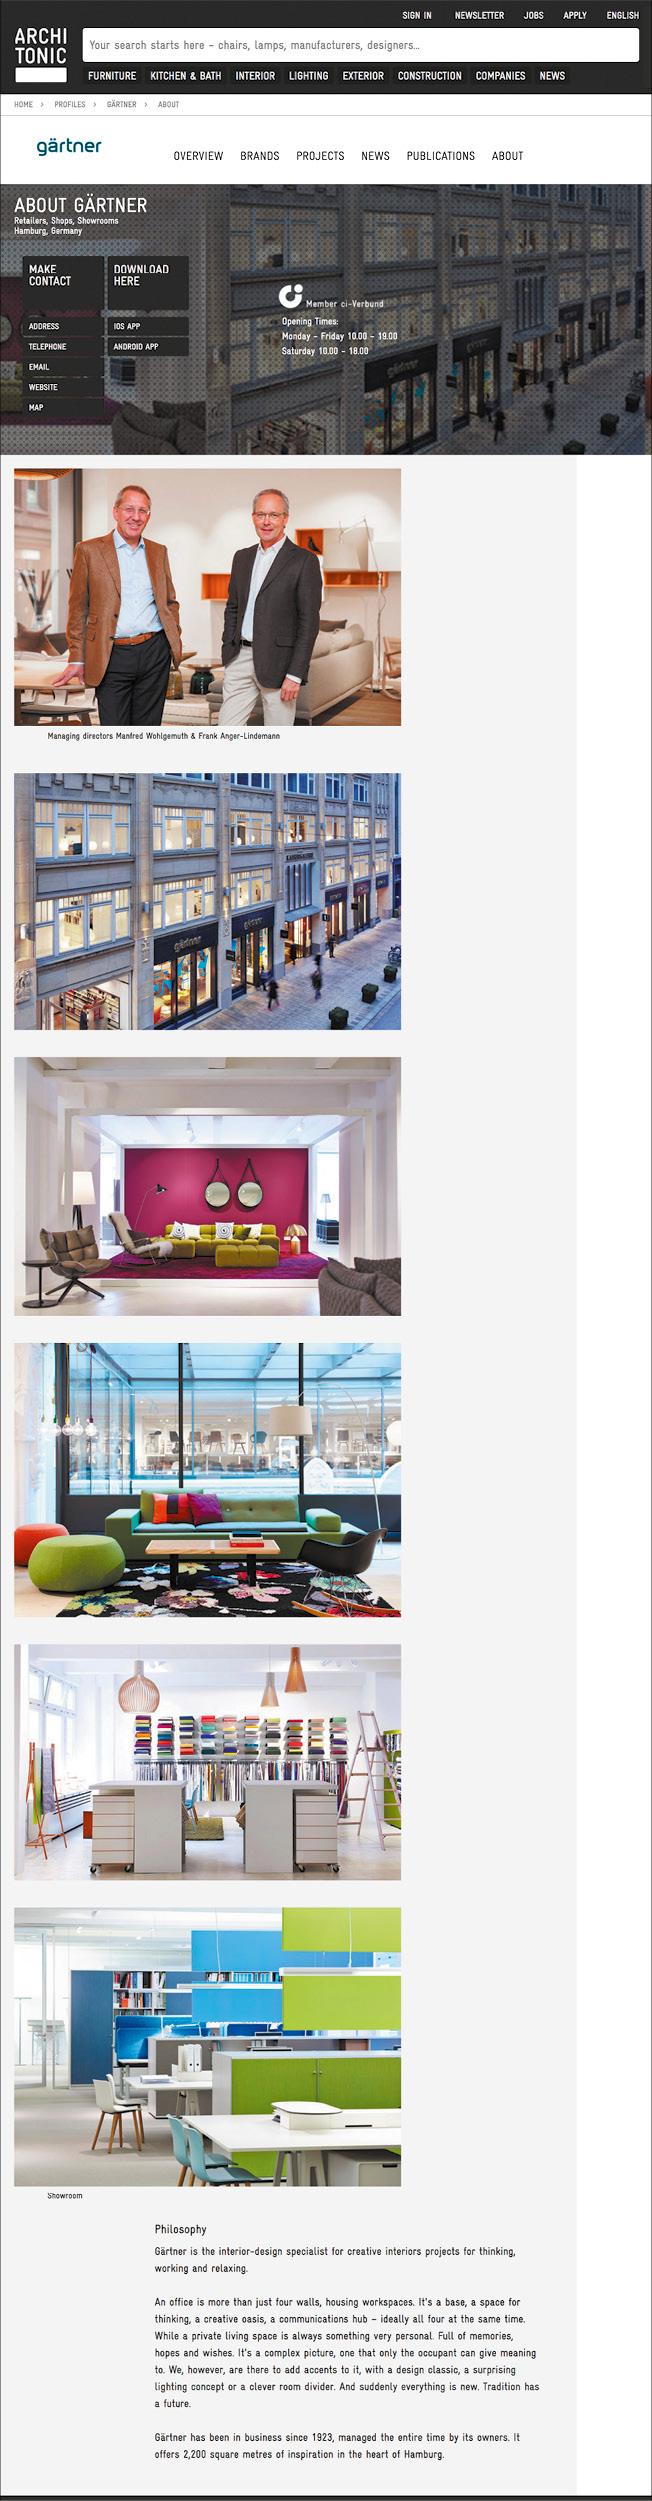 membership_retailers_showroom.jpg